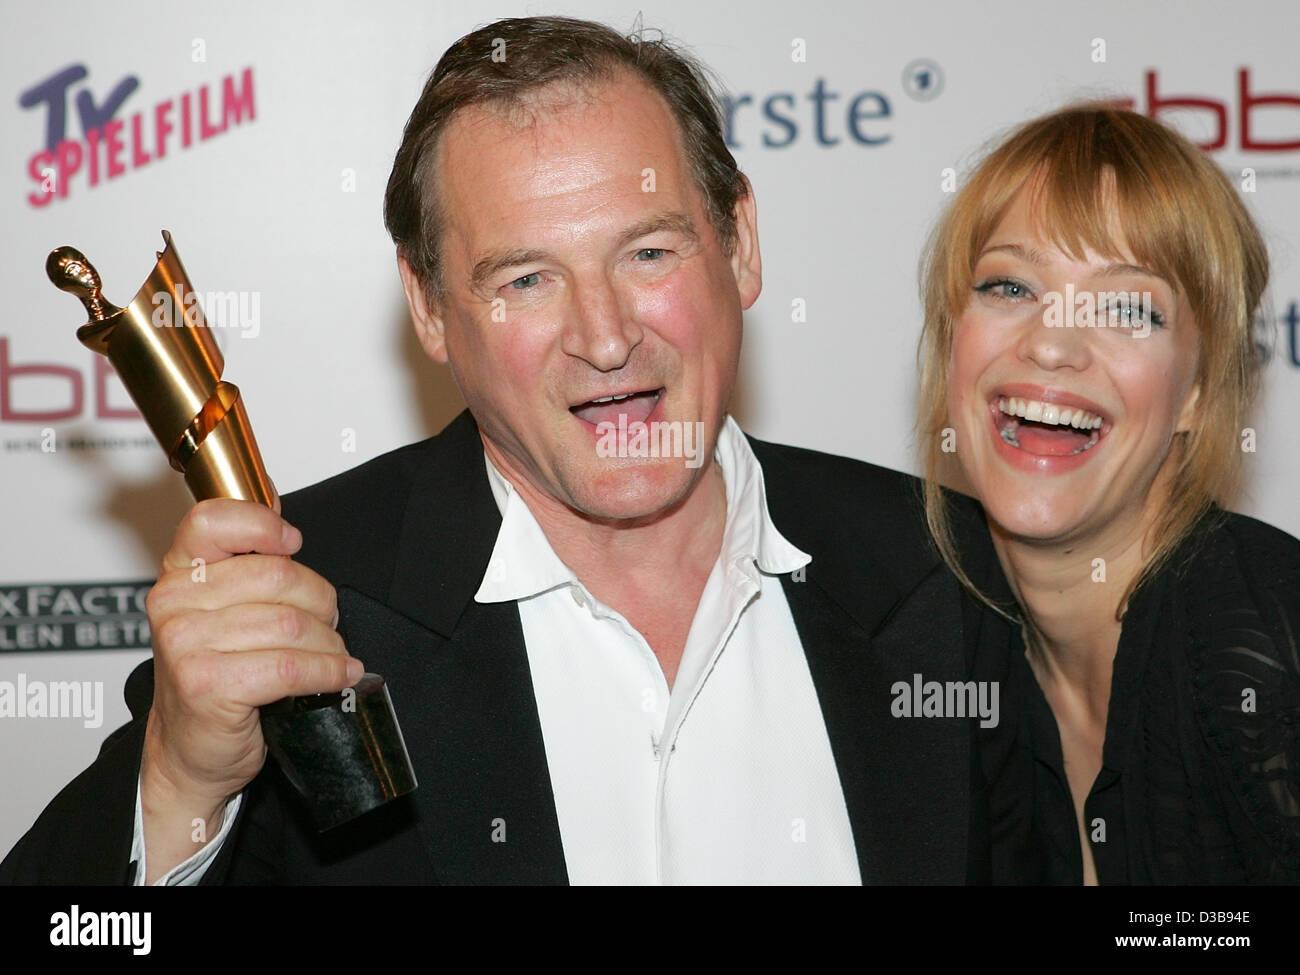 (Dpa) - Schauspieler Burghart Klaußner und seine Kollegin Heike Makatsch freuen uns über seine Trophäe Stockbild